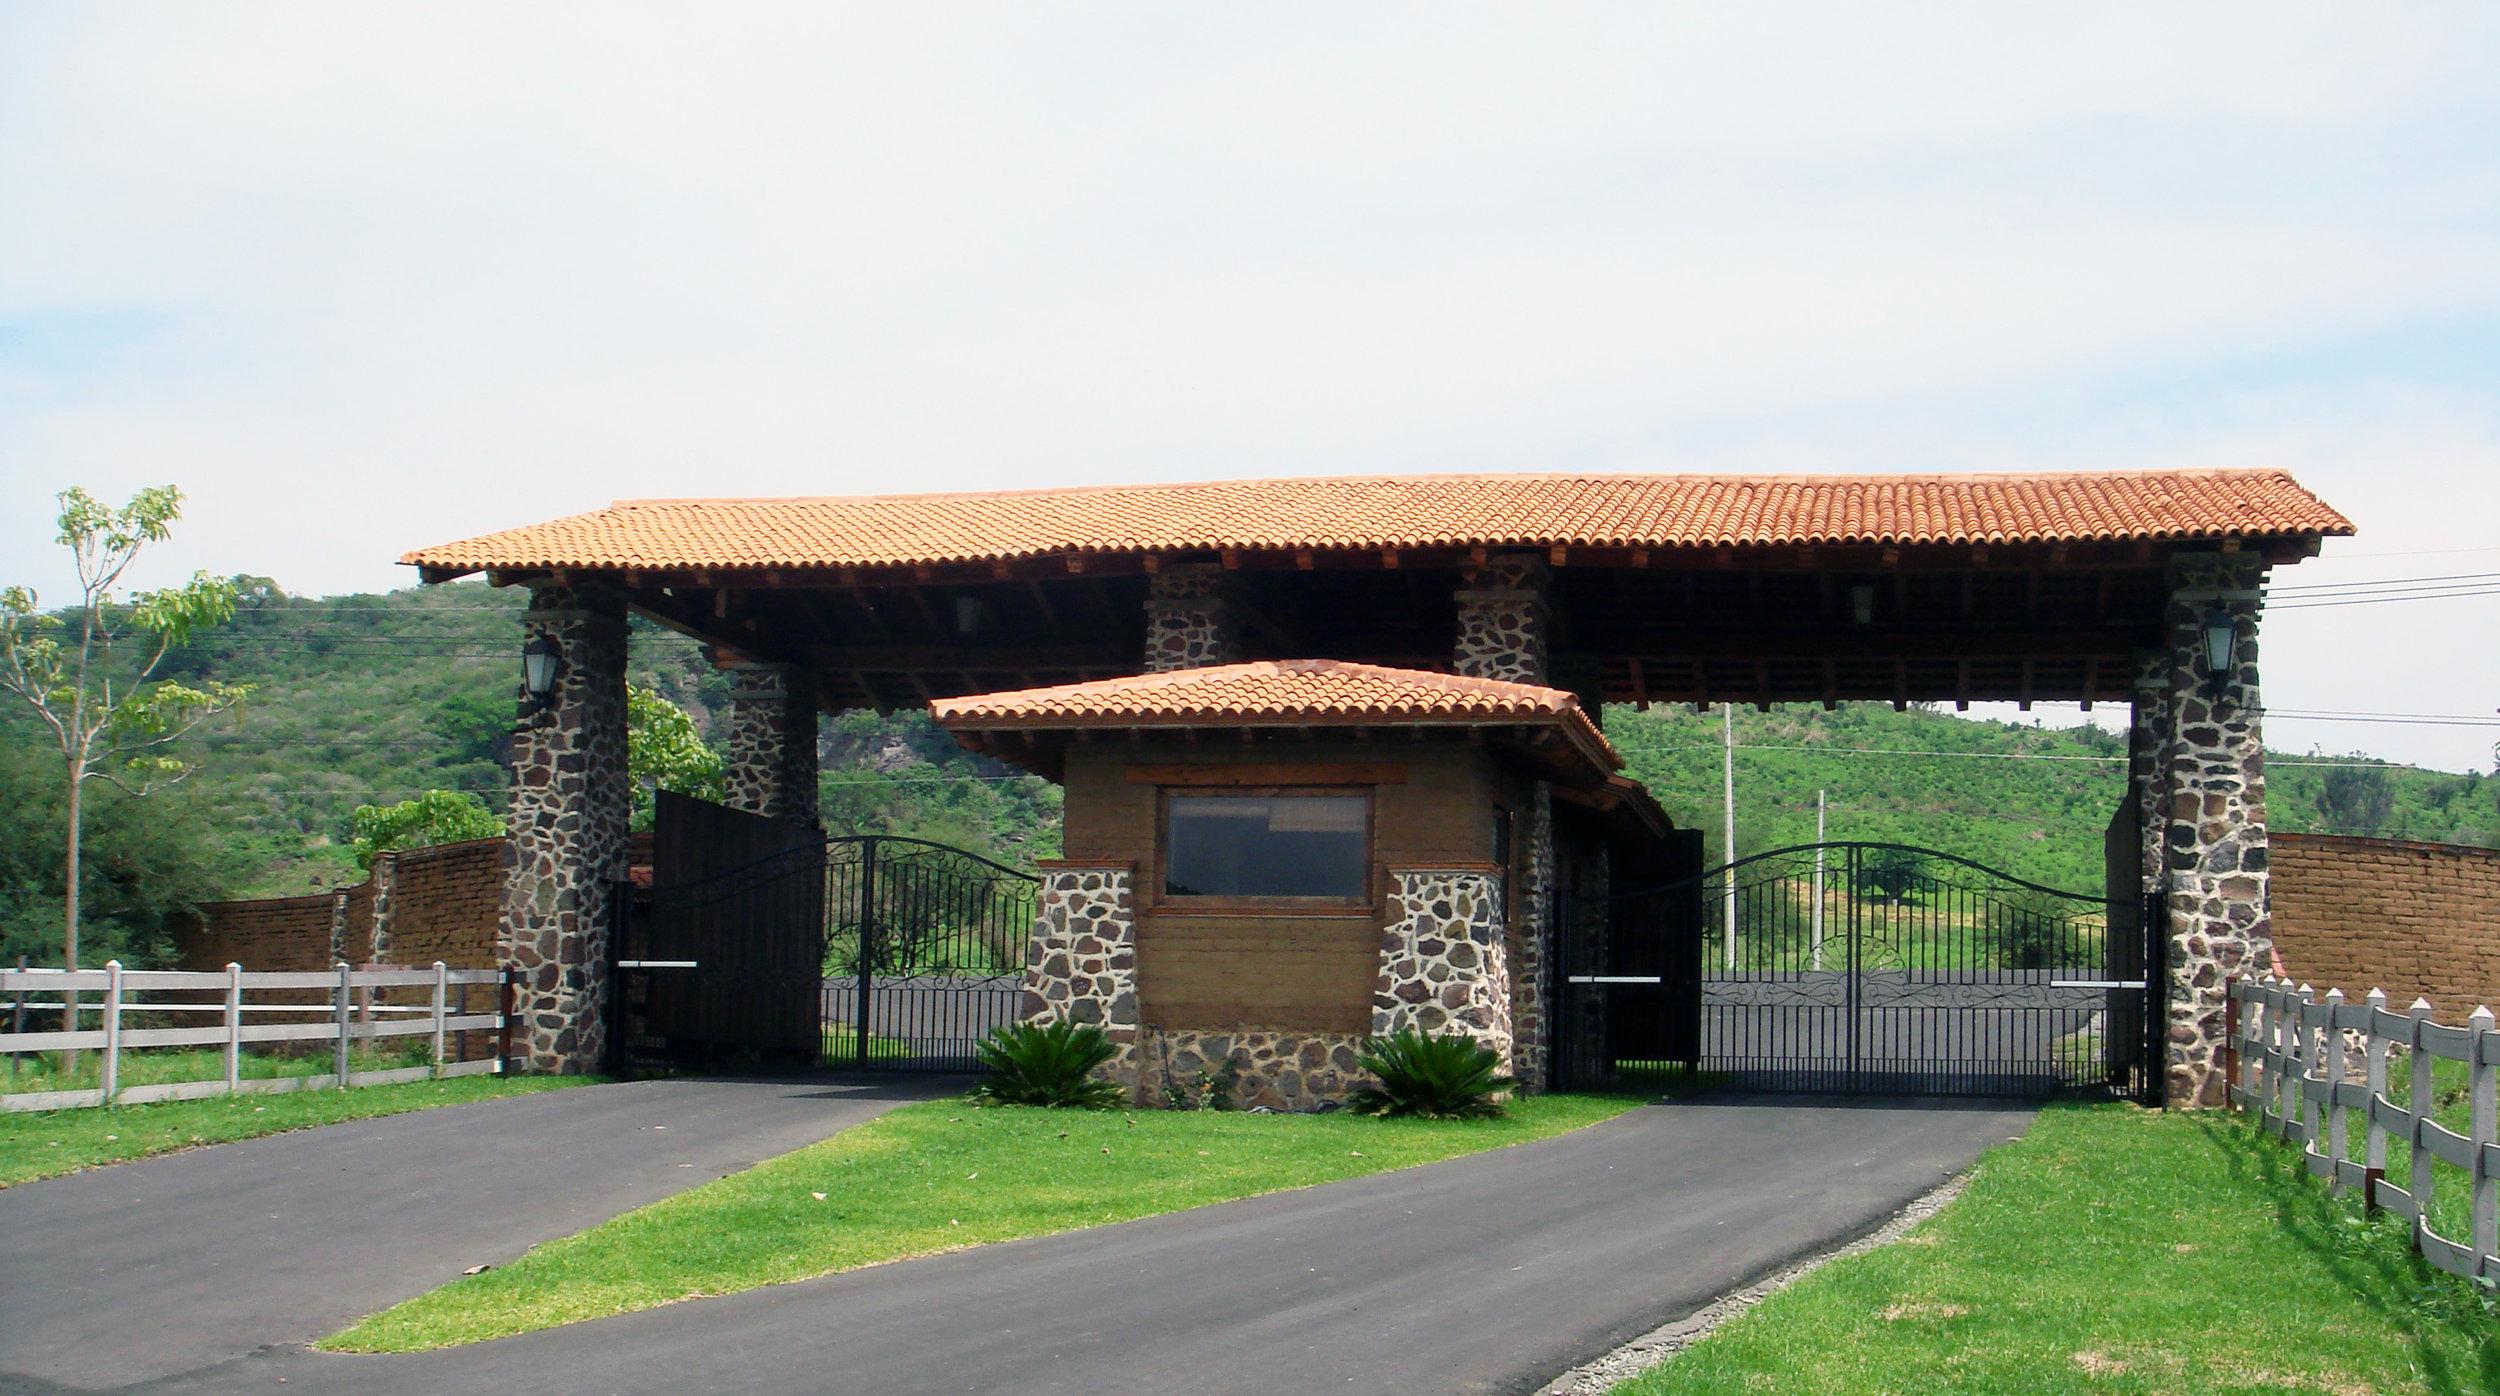 Fernandez Survaillance Quarter